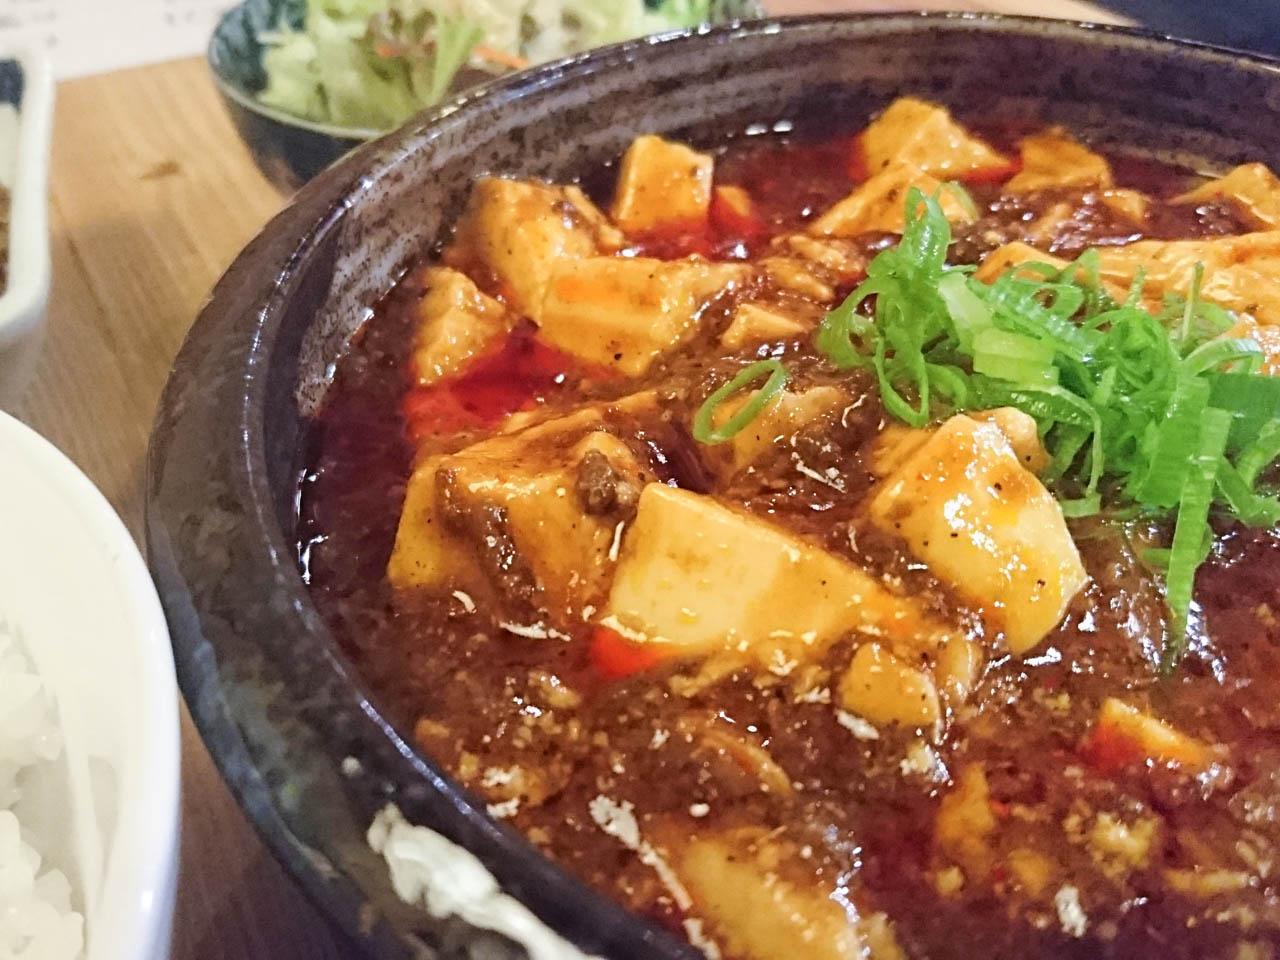 スパンキーな刺激!麻婆豆腐とカレーを同時に味わうお得ランチ@天一「林家α」